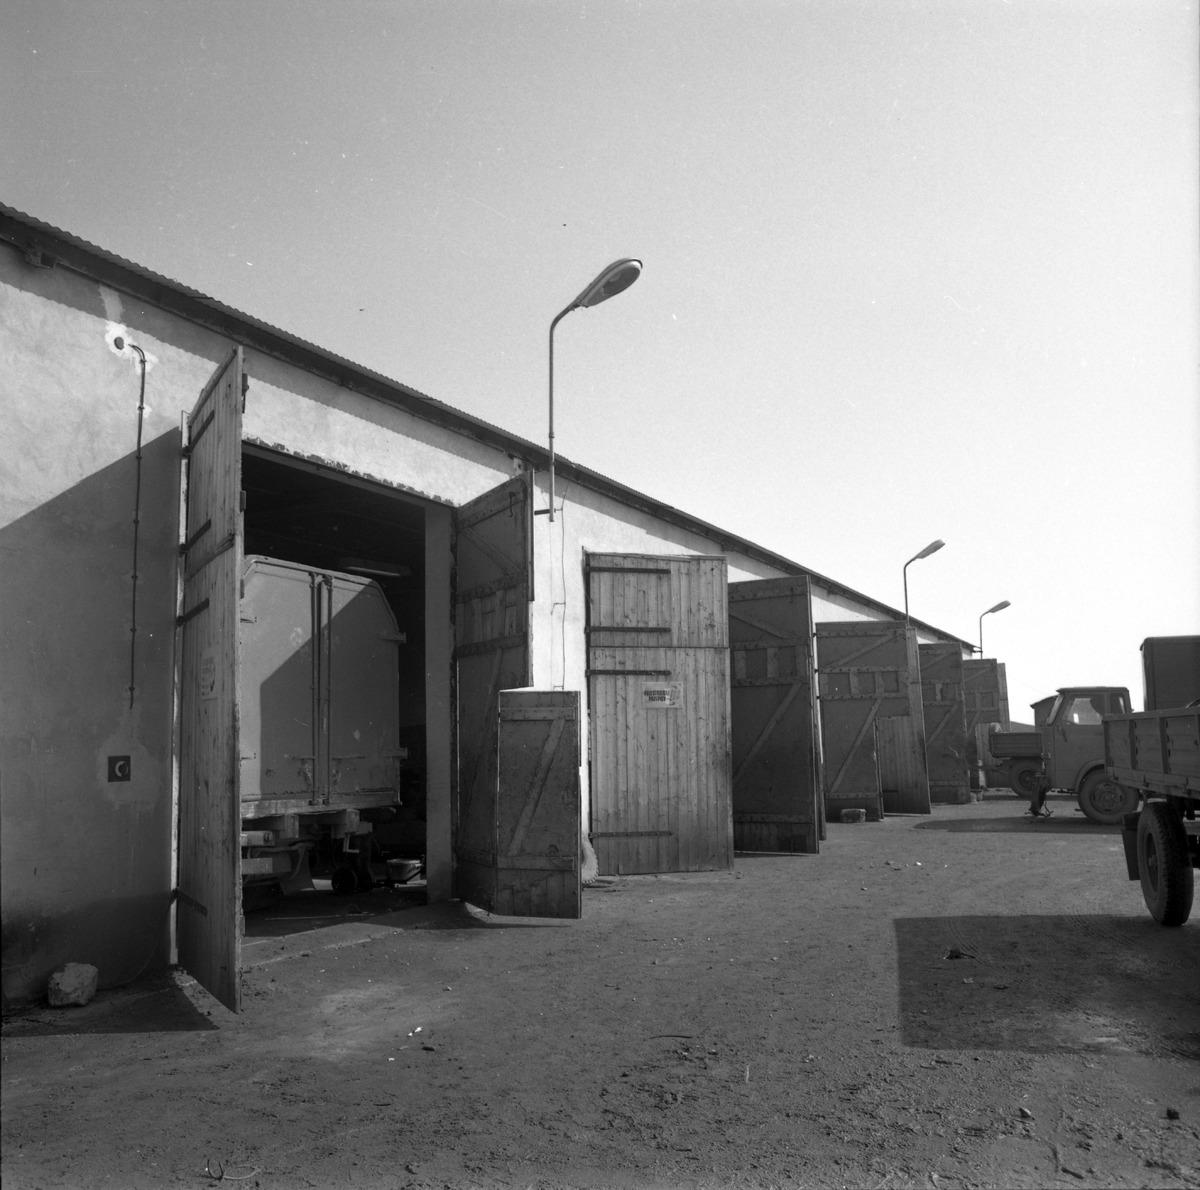 Garaże bazy transportowej [1]